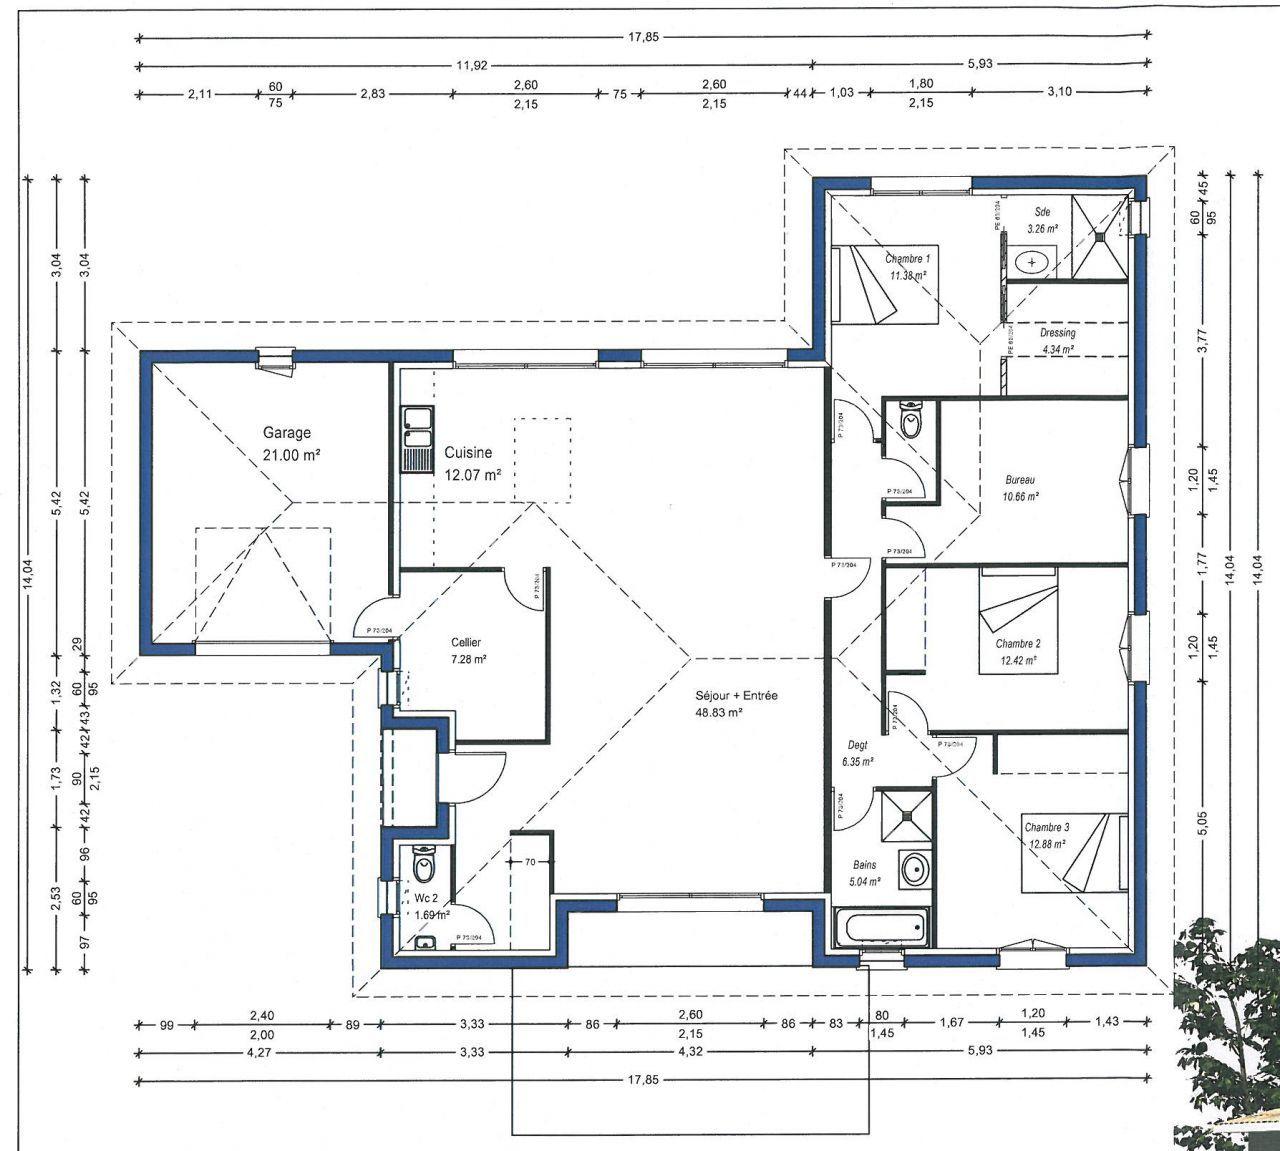 Plan maison entree sud id es uniques maison orientation sud evler en 2019 plan maison plan - Plan maison entree sud ...